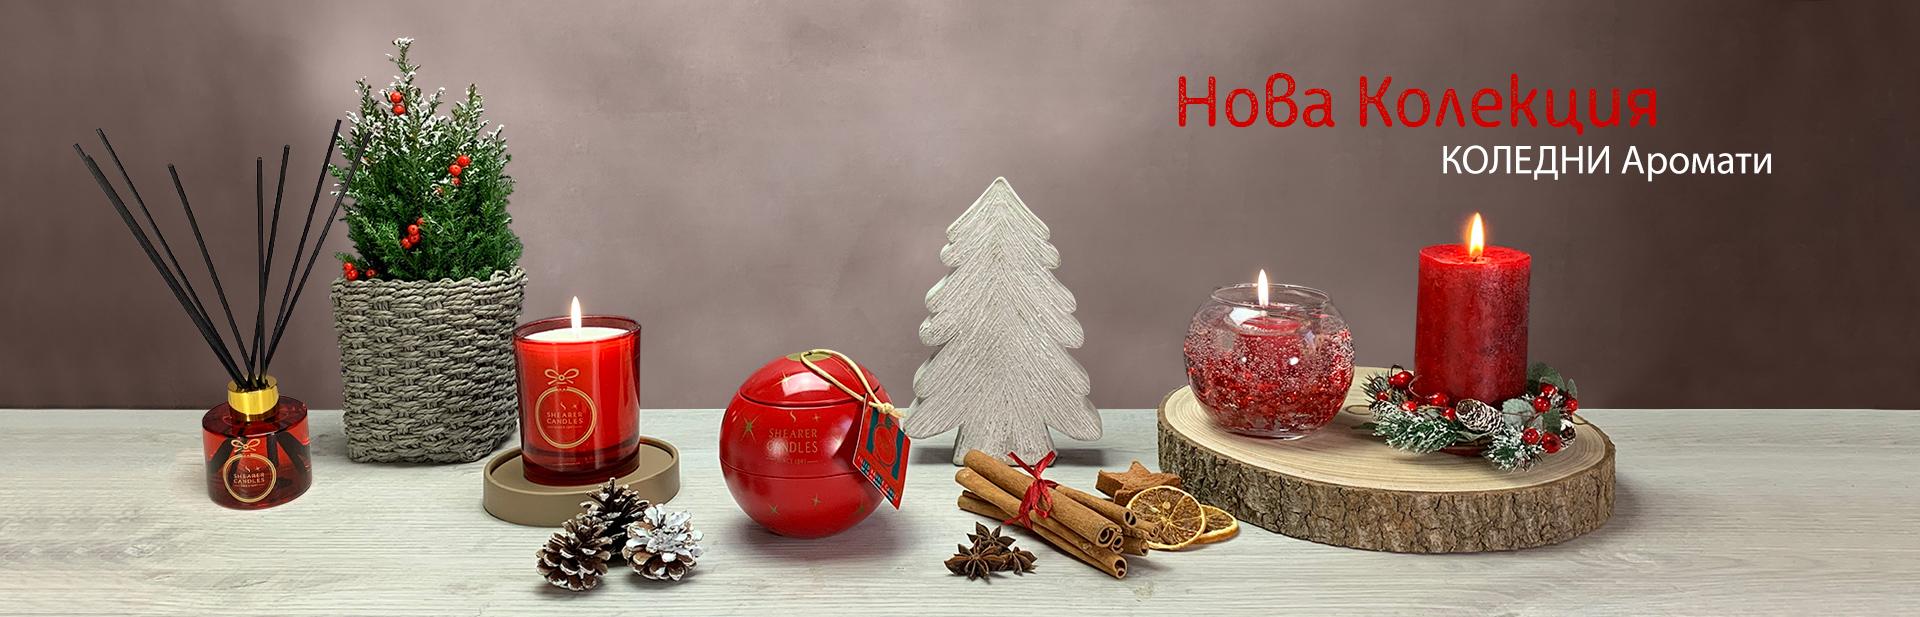 Коледни ароматни свещи и дифузери за подарък и коледна украса на дома